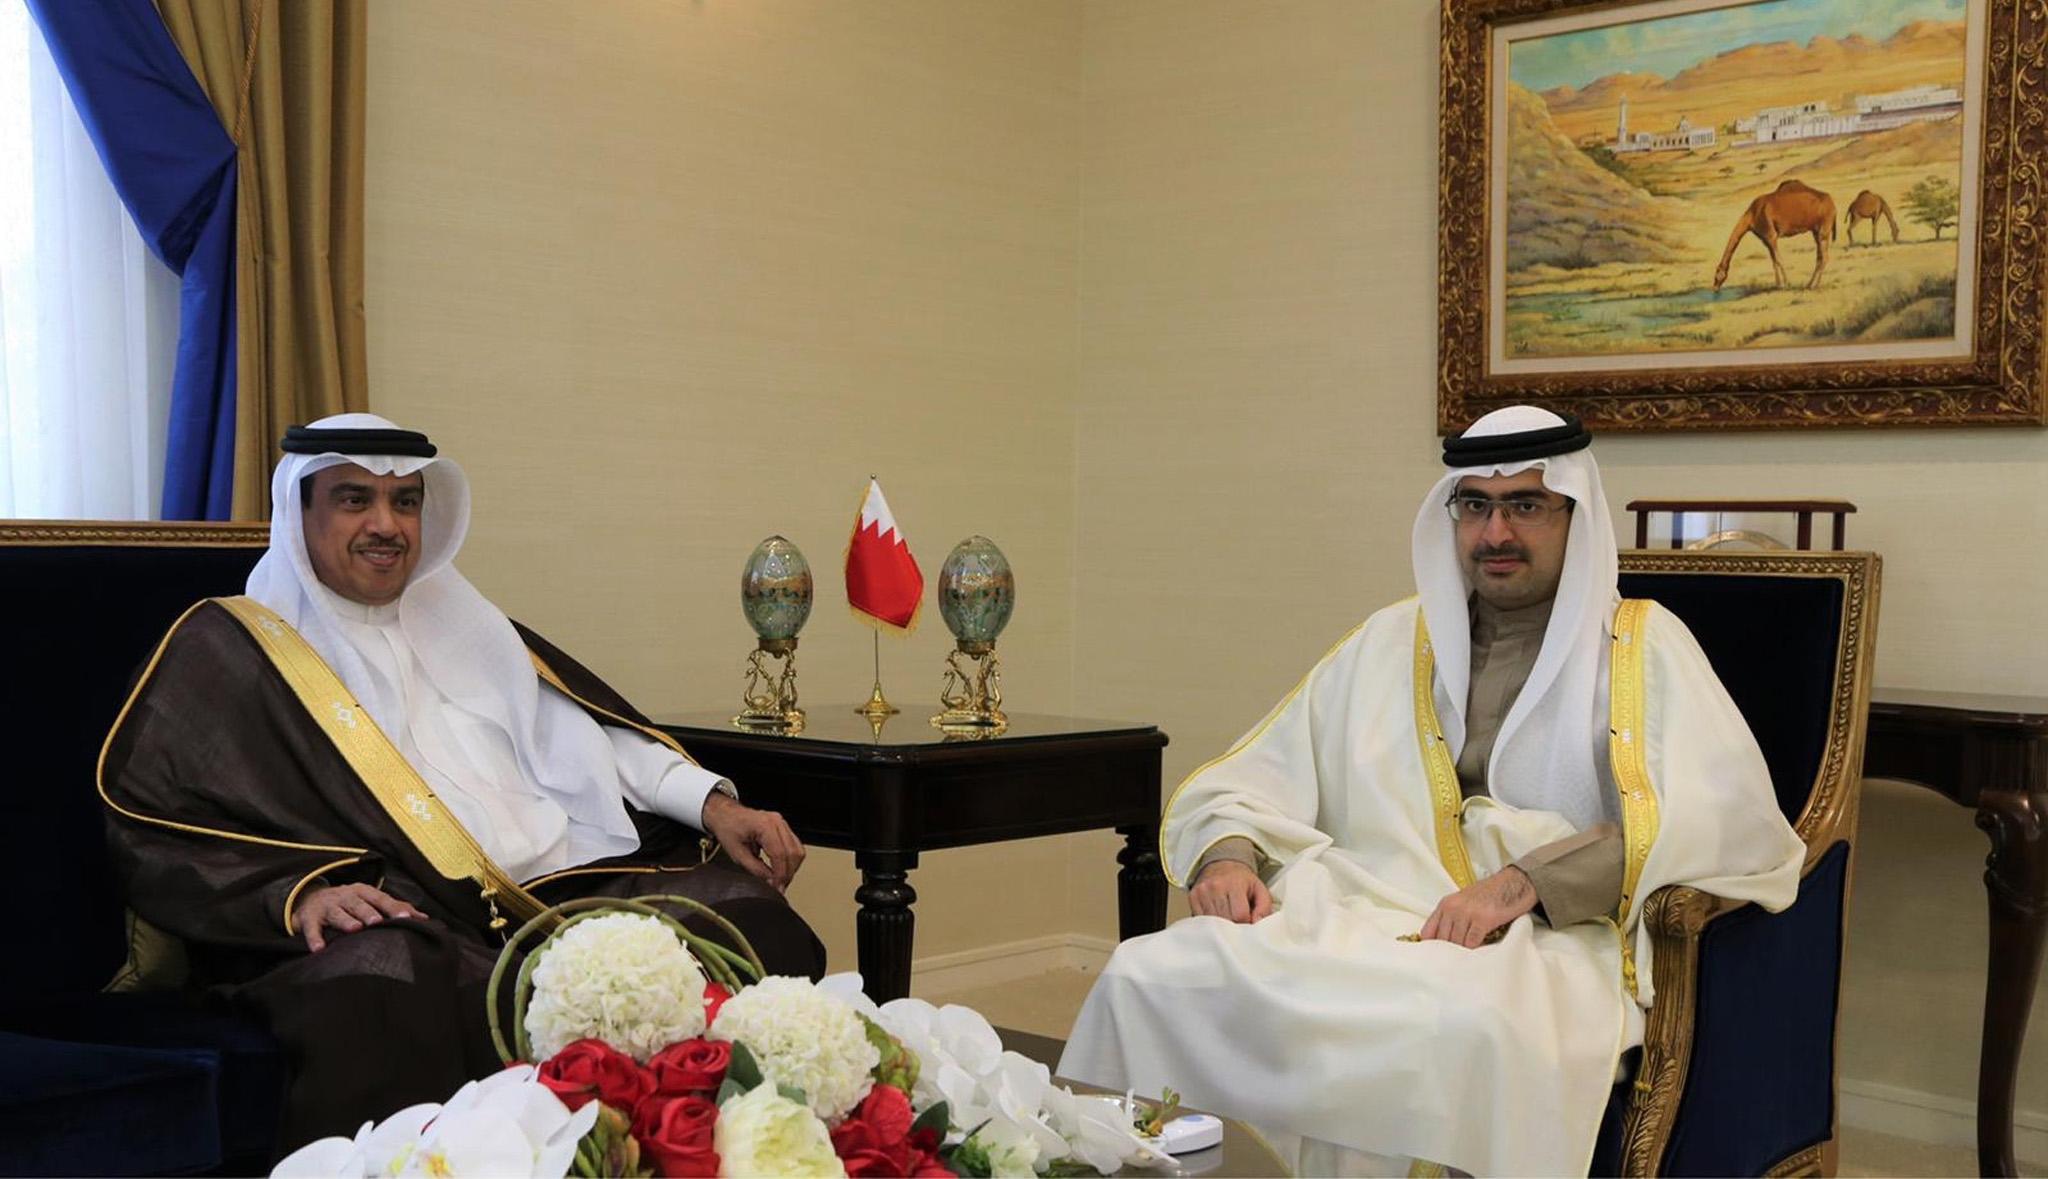 سمو المحافظ يلتقي مع سفير مملكة البحرين لدى سلطنة عمان الشقيقة